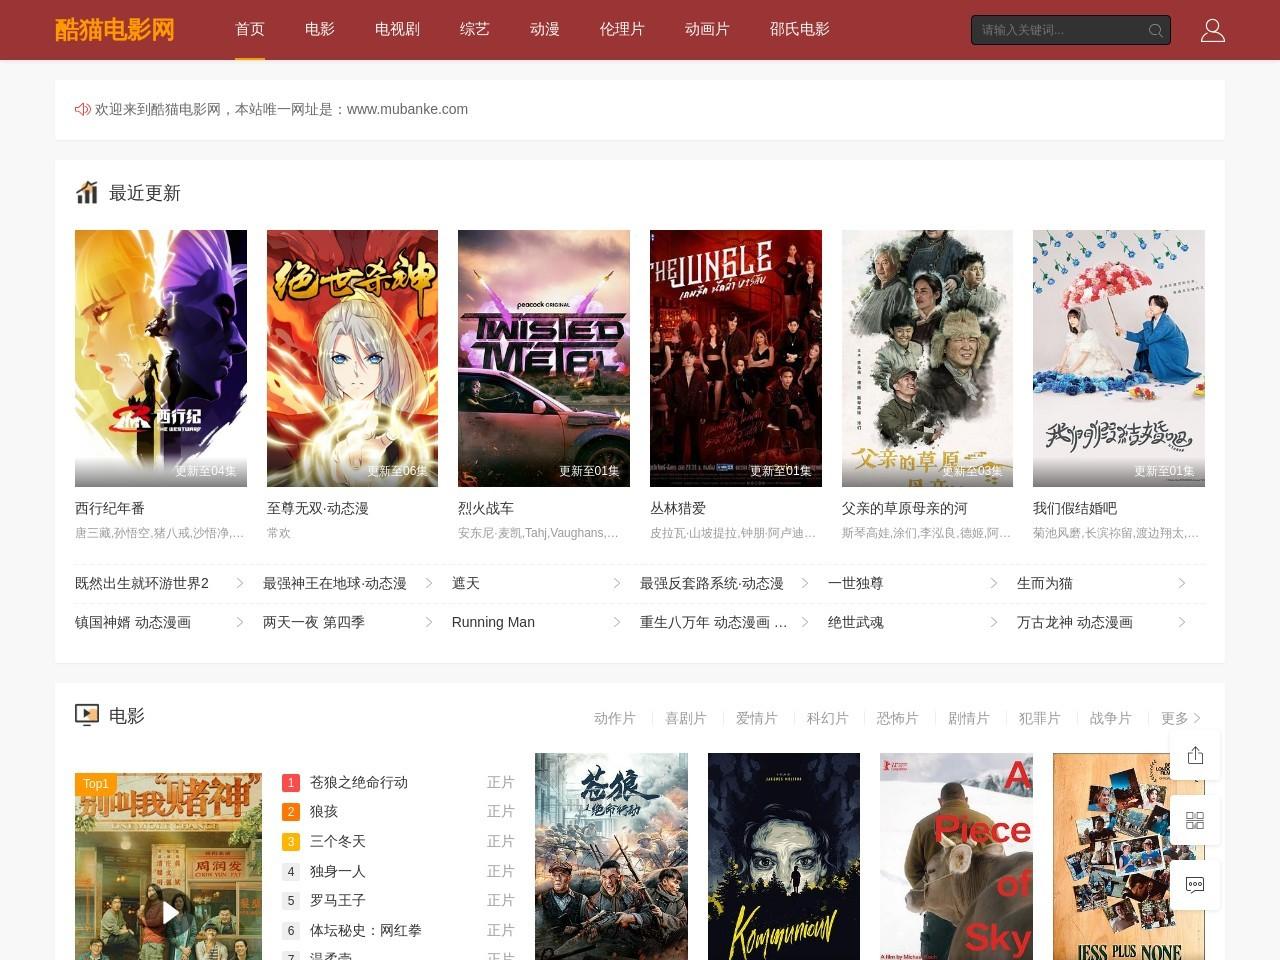 模板客_站长资源_网站源码建站模板下载平台